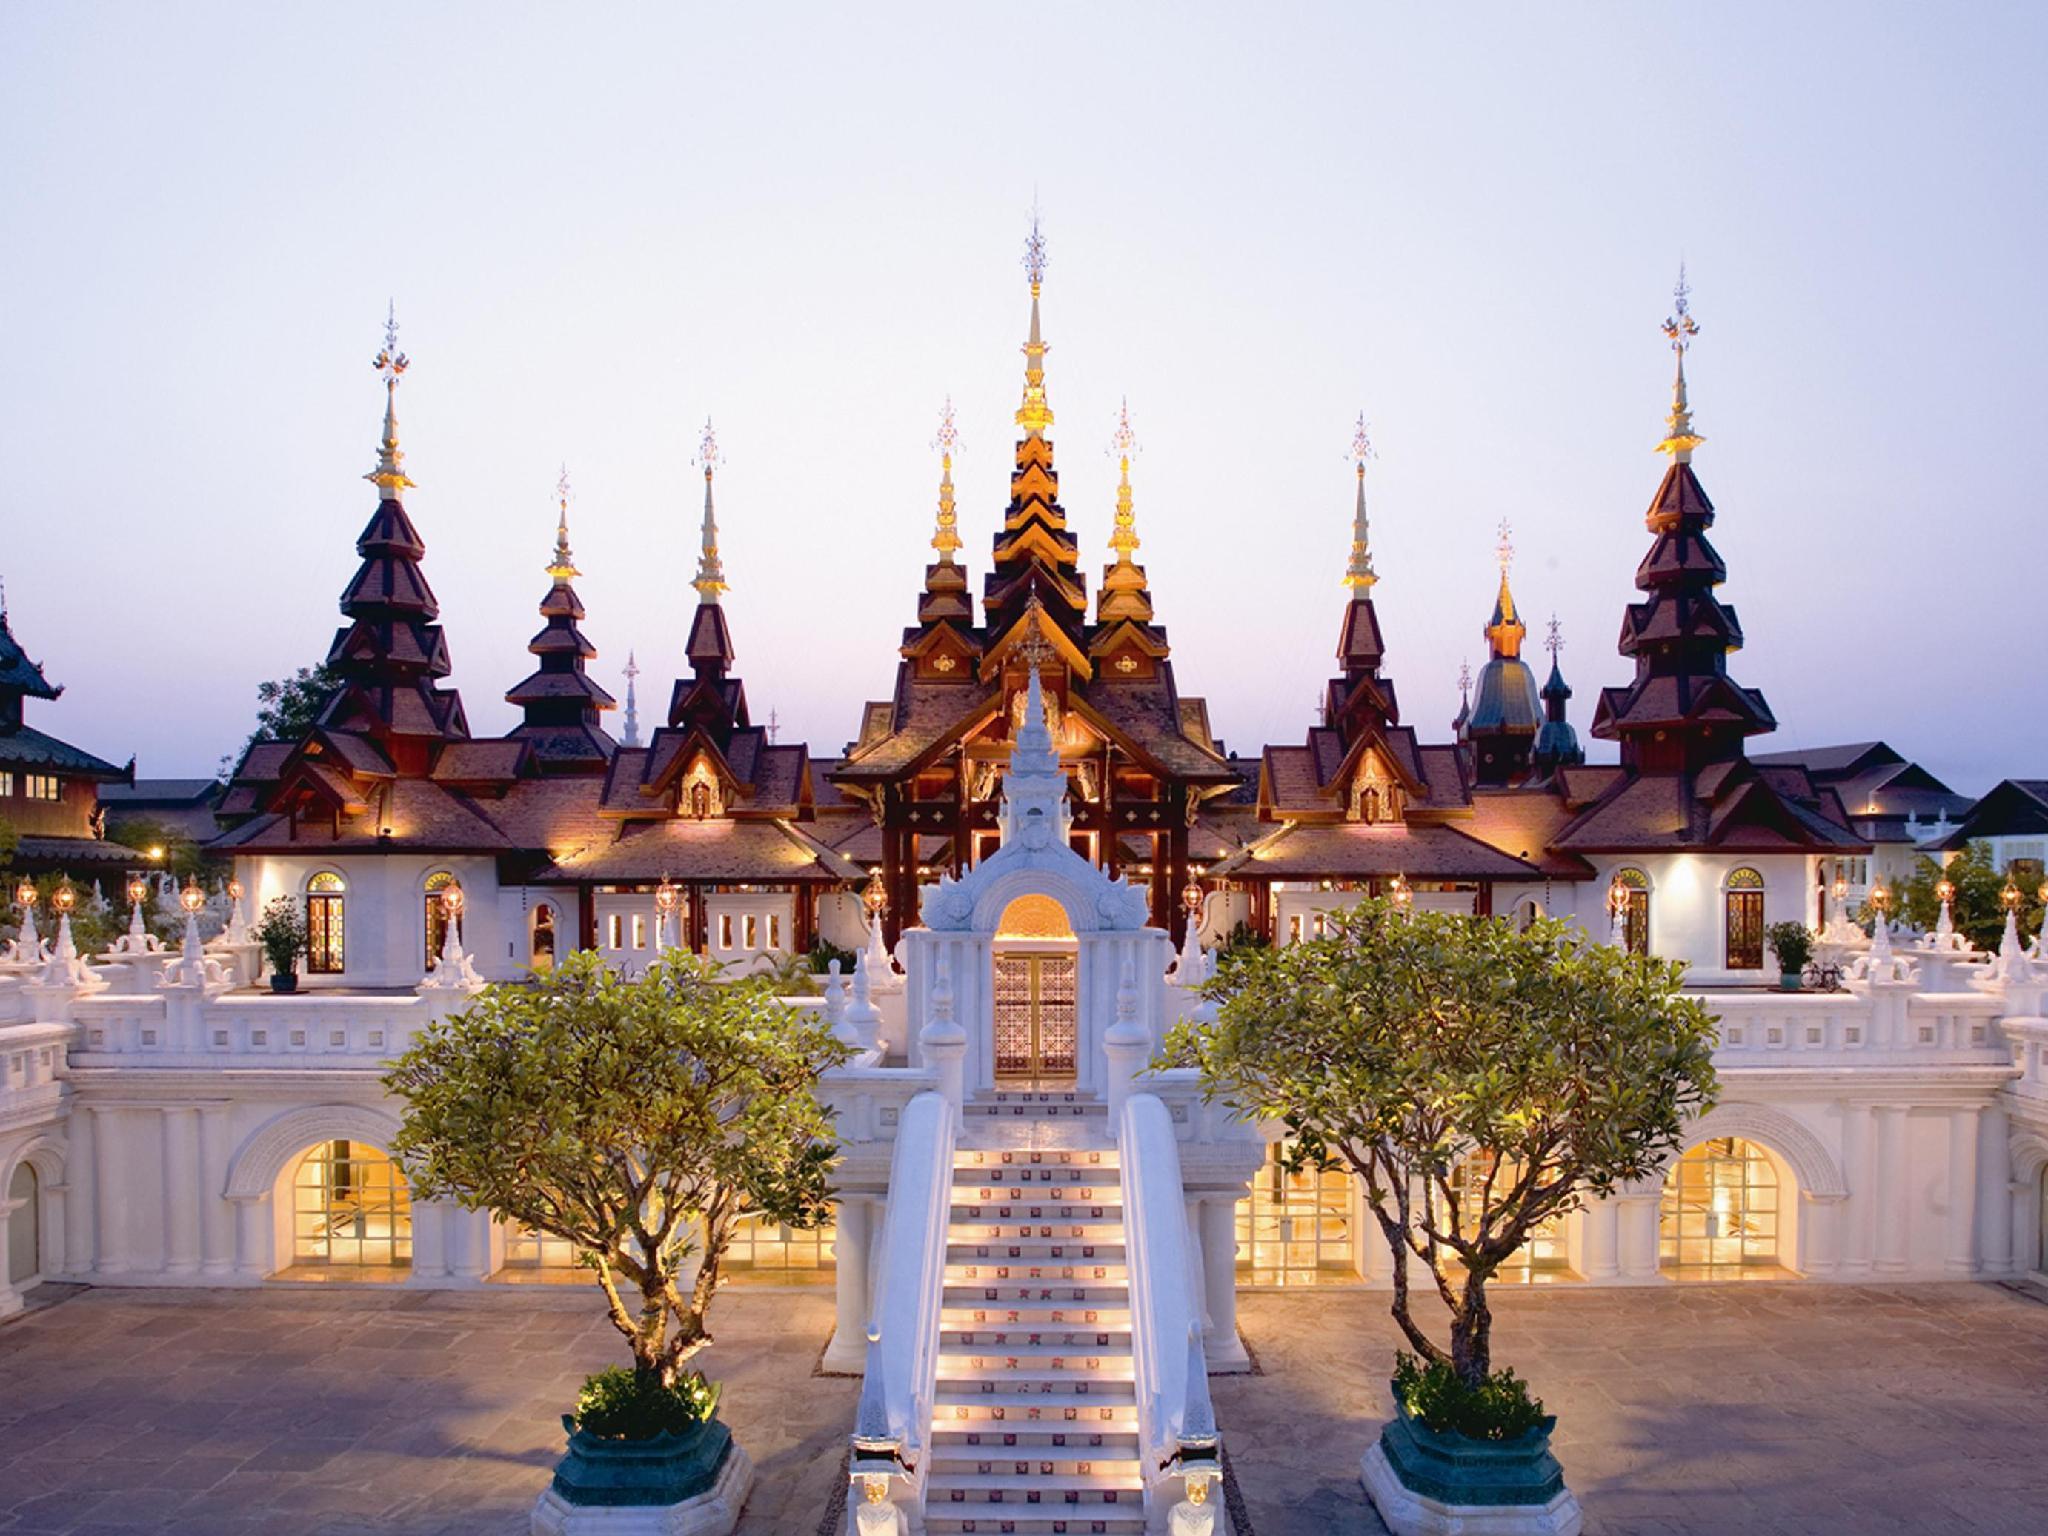 โรงแรมเดอะ ดาราเทวี เชียงใหม่ (The Dhara Dhevi Hotel Chiang Mai) ส่วนลด